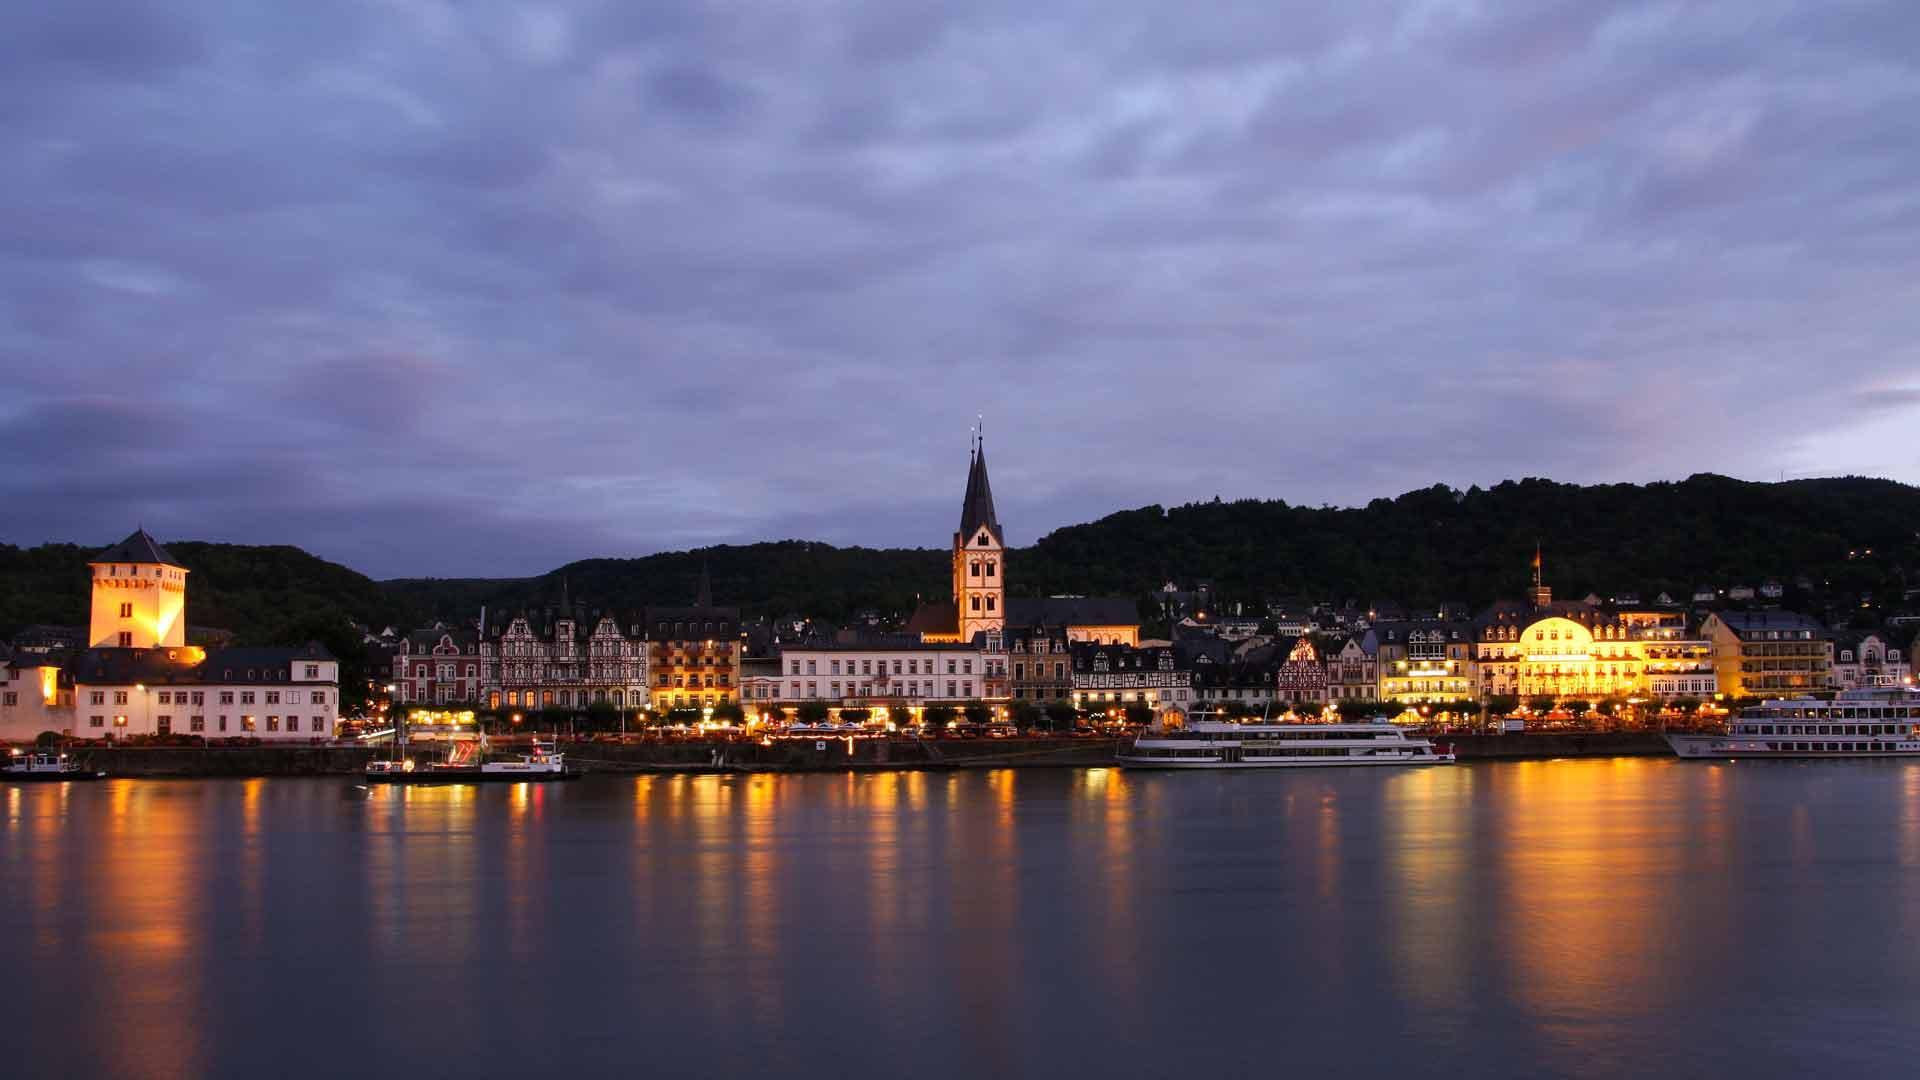 ´s Avonds reflecteert de promomade van Boppard mooi in de Rijn. .